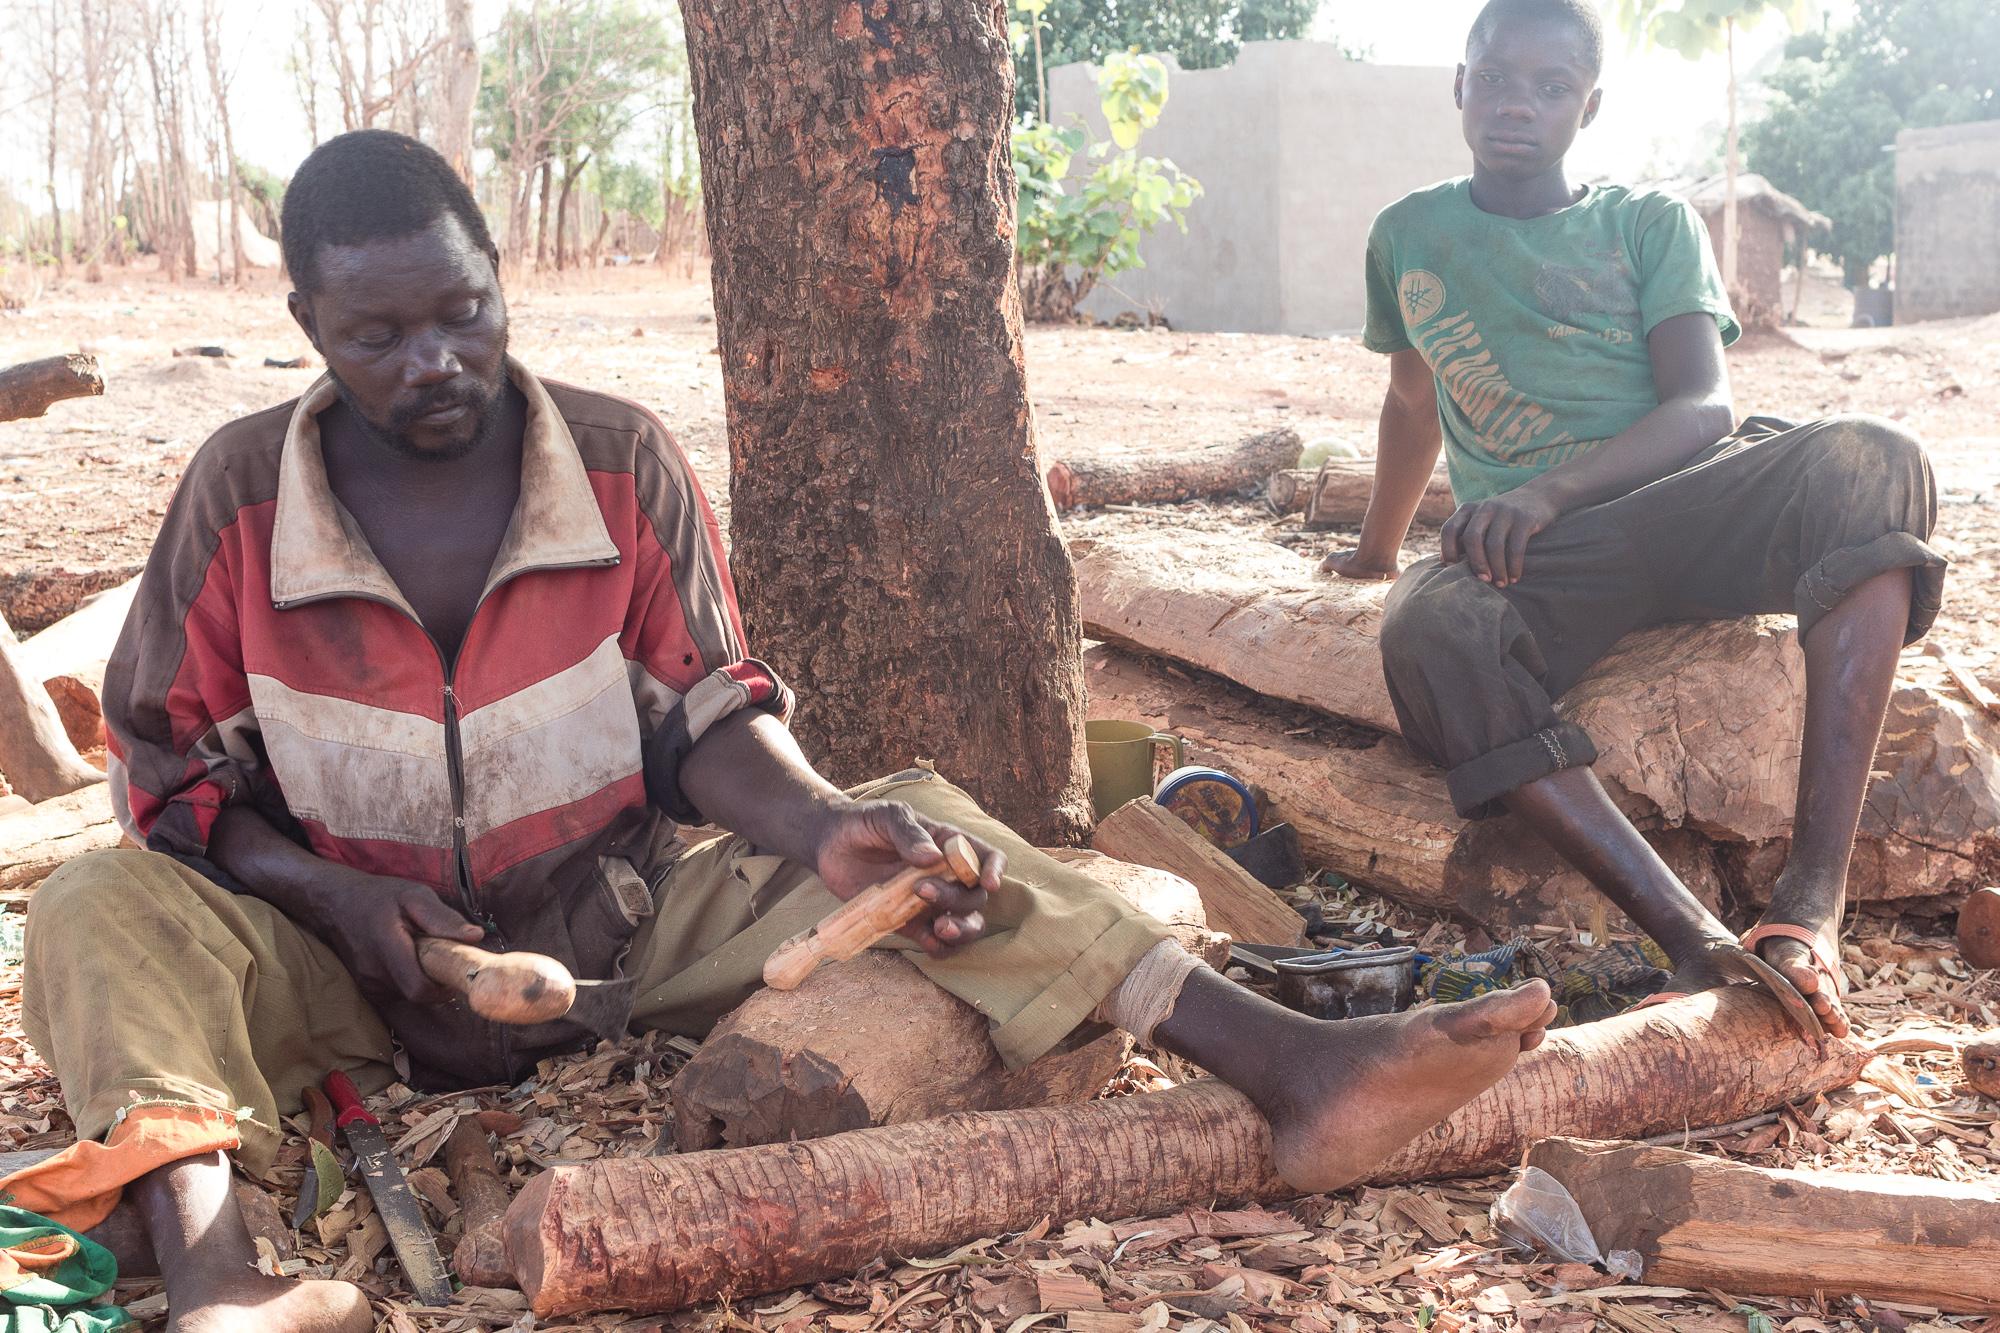 Sculpteur sur bois en train de façonner une figurine avec un maillet, village d'artisans Lobi, Burkina Faso